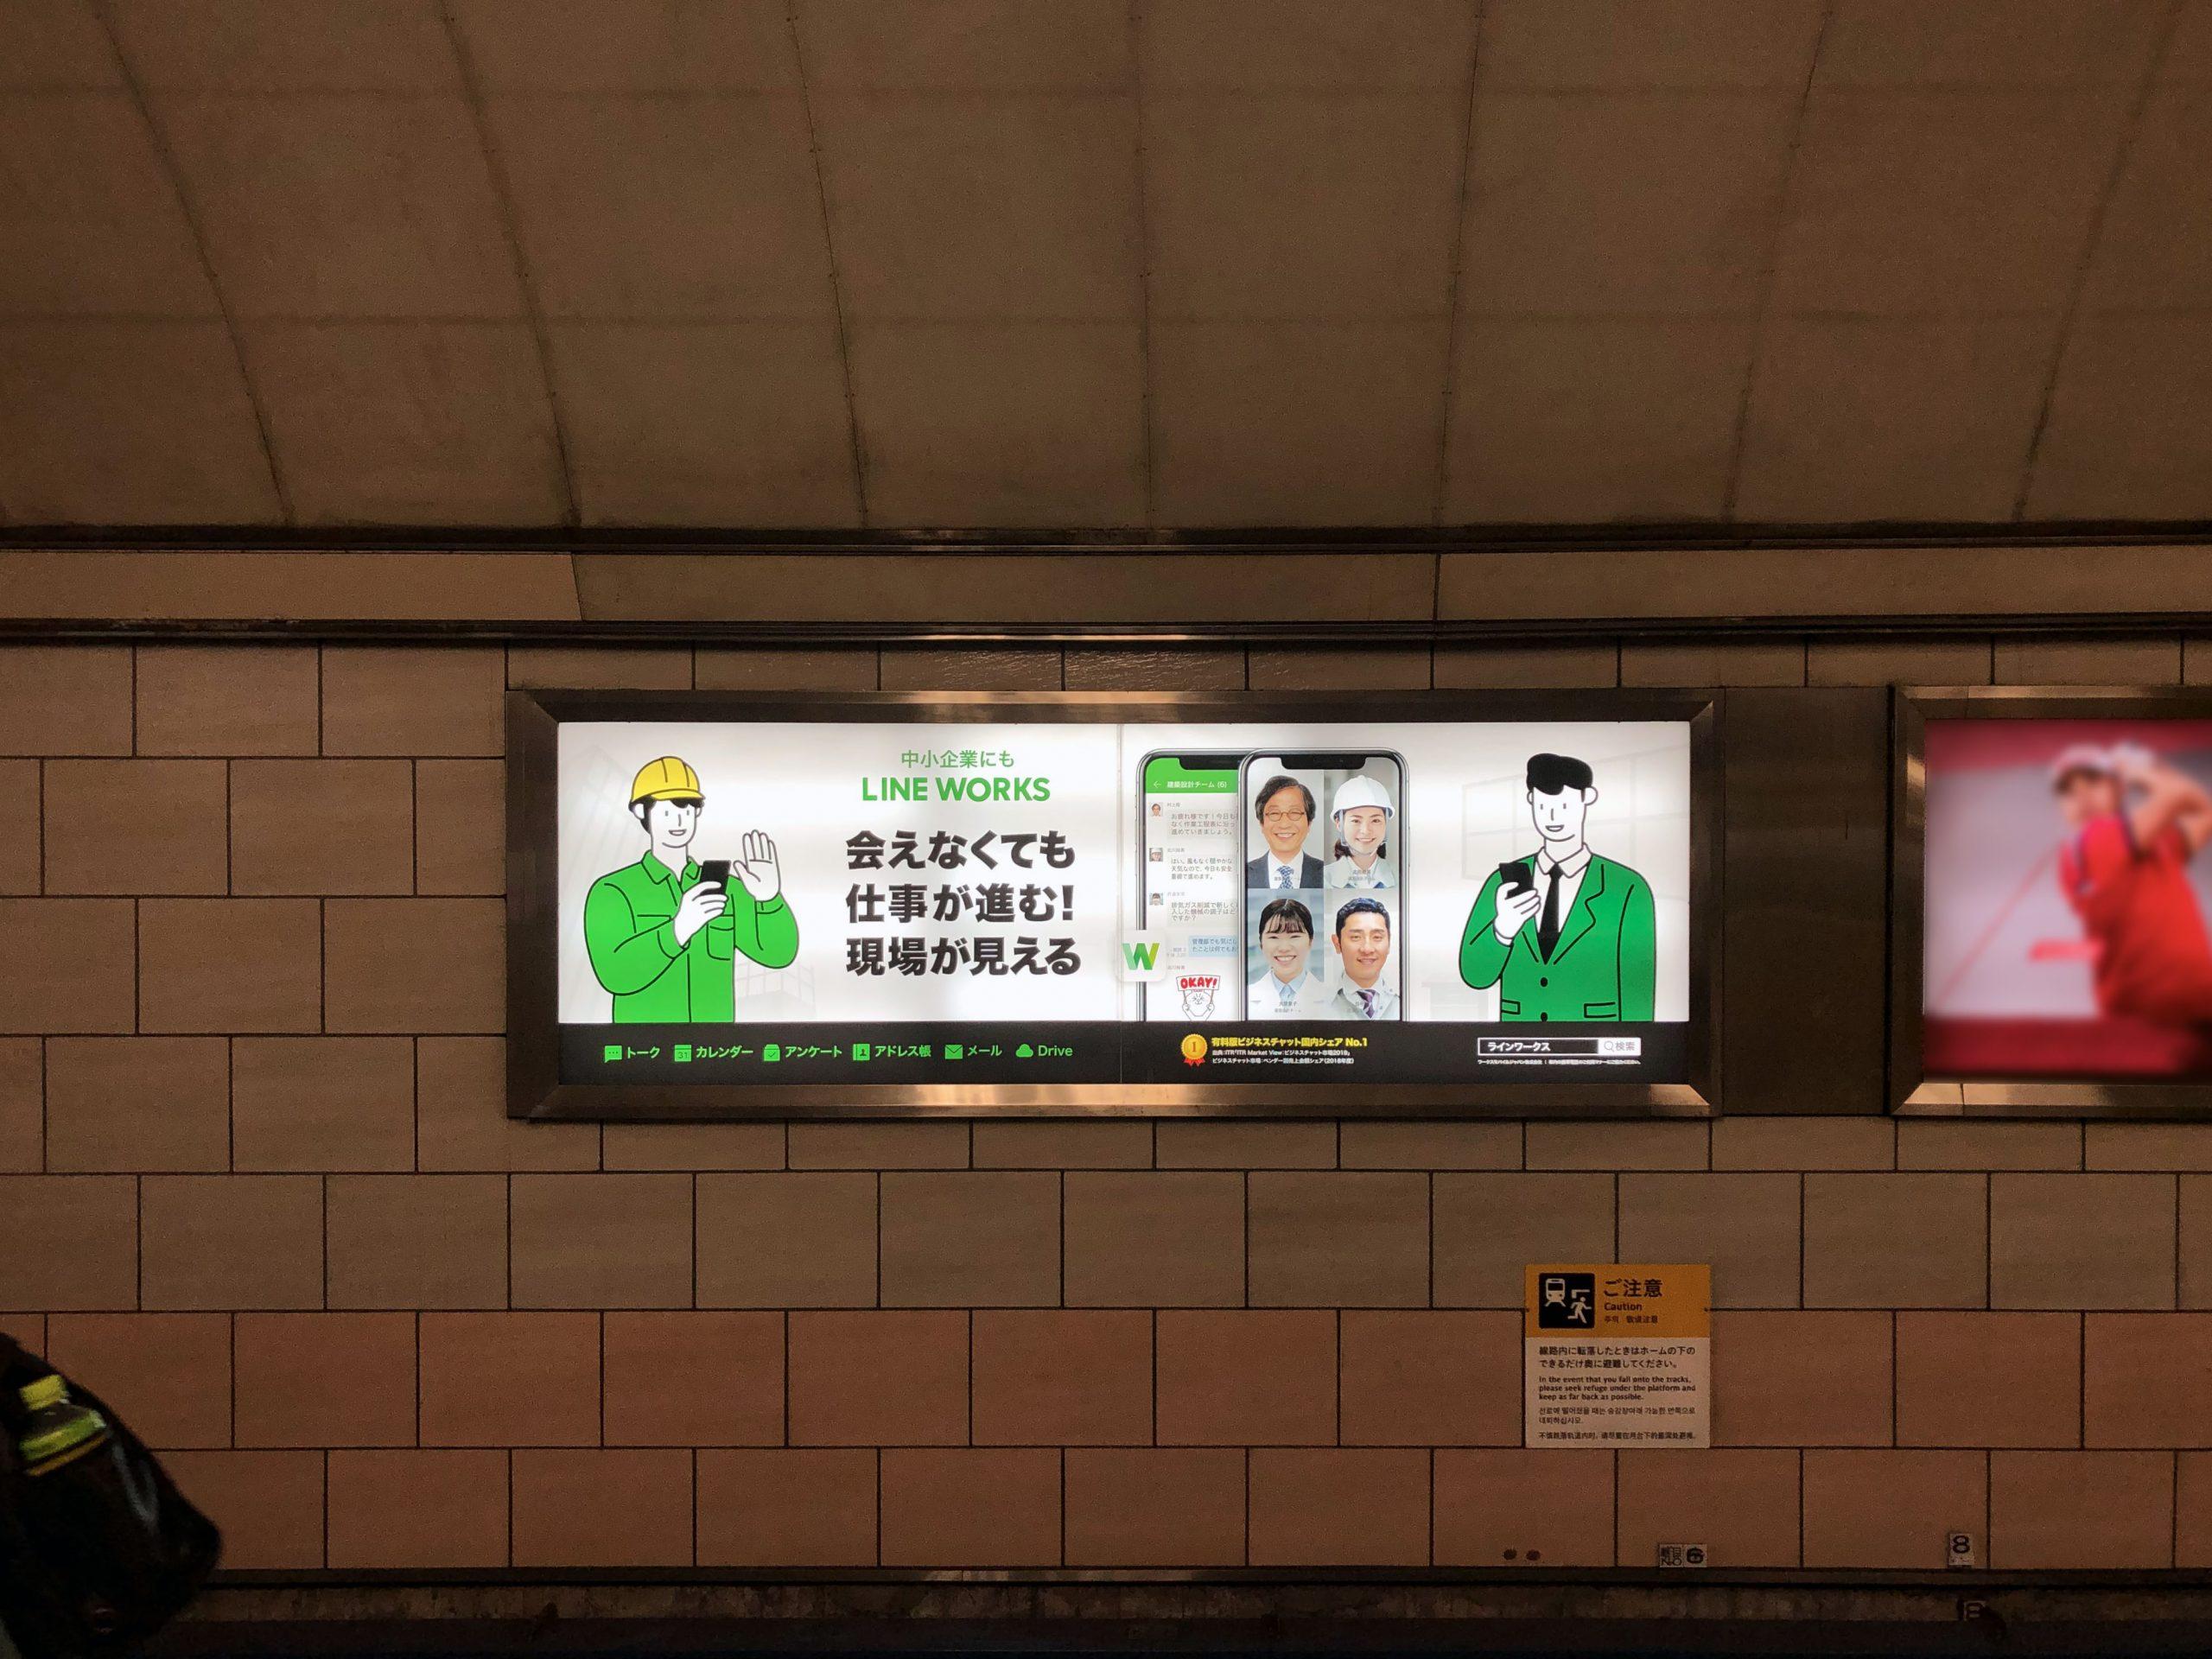 OsakaMetro淀屋橋駅 駅広告 電照